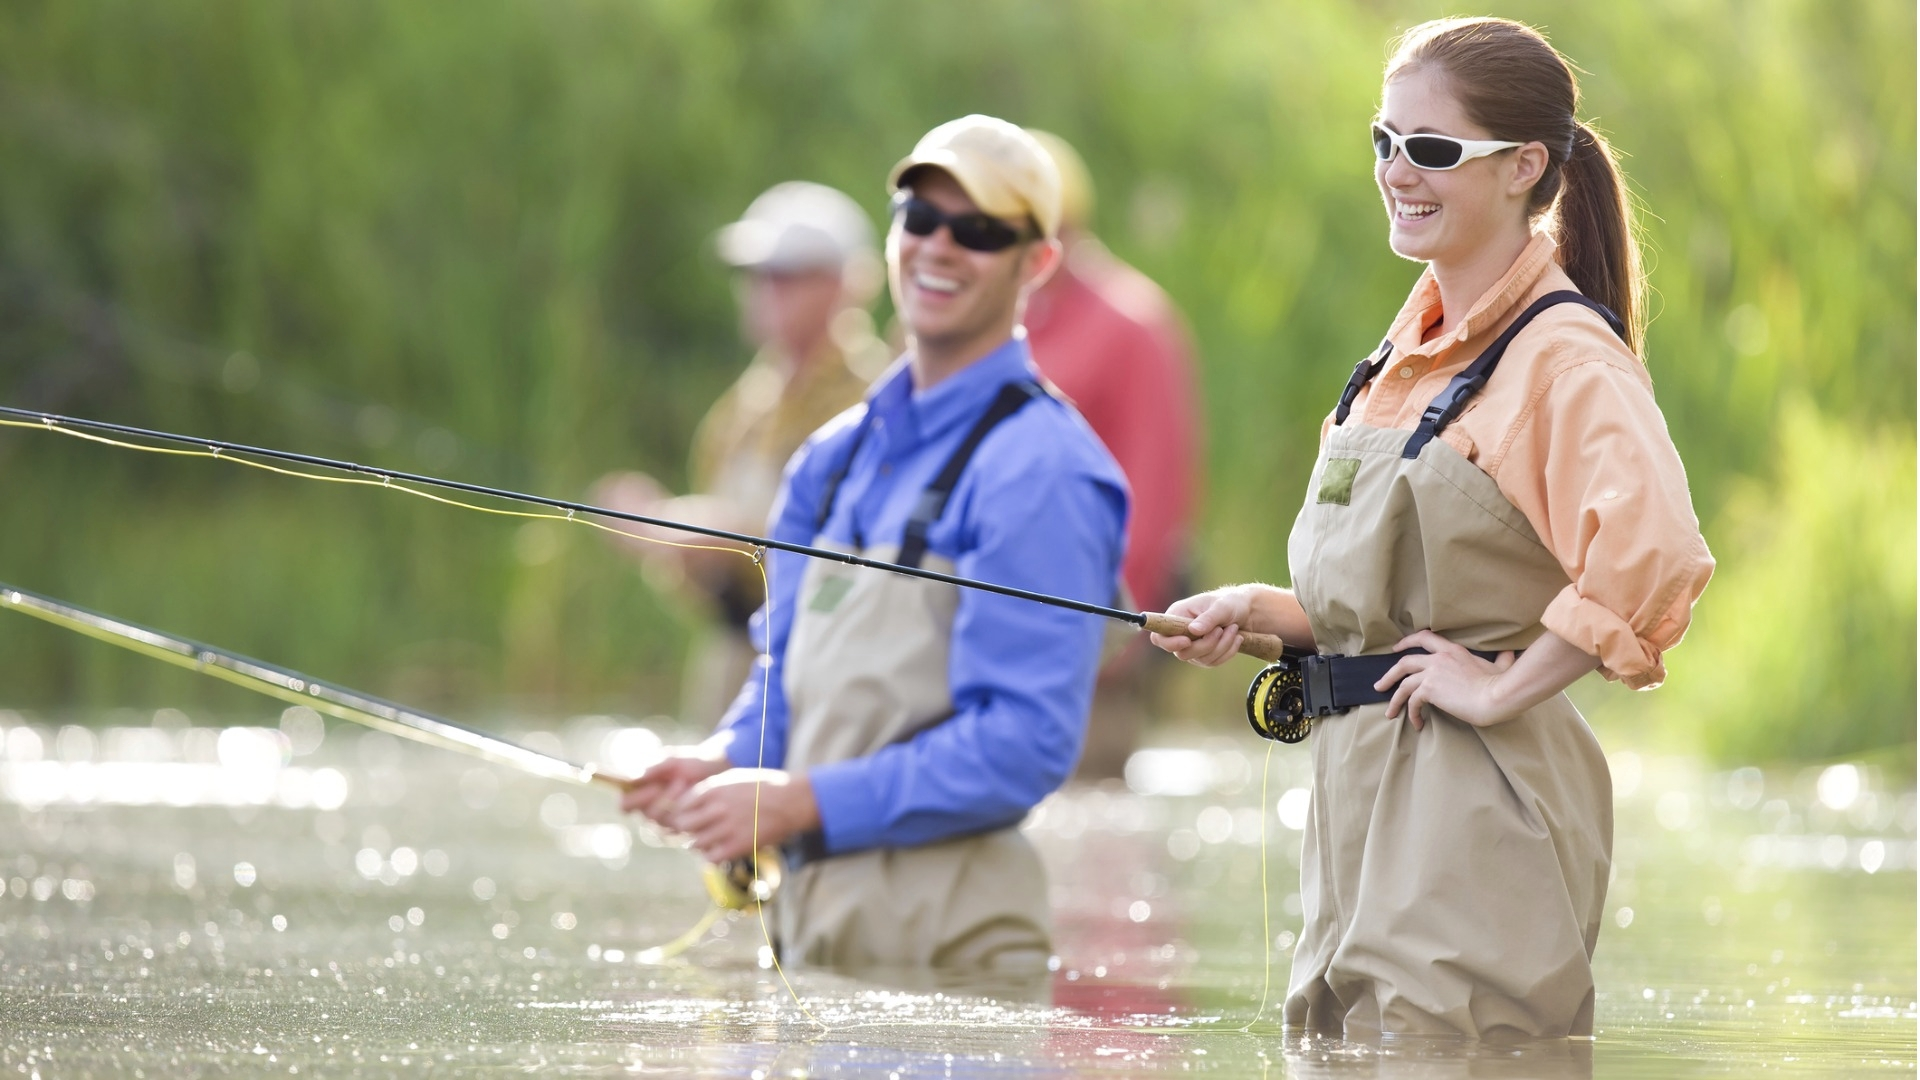 Kyselyyn vastannut nainen kertoi napanneensa kalan sijasta kosinnan.